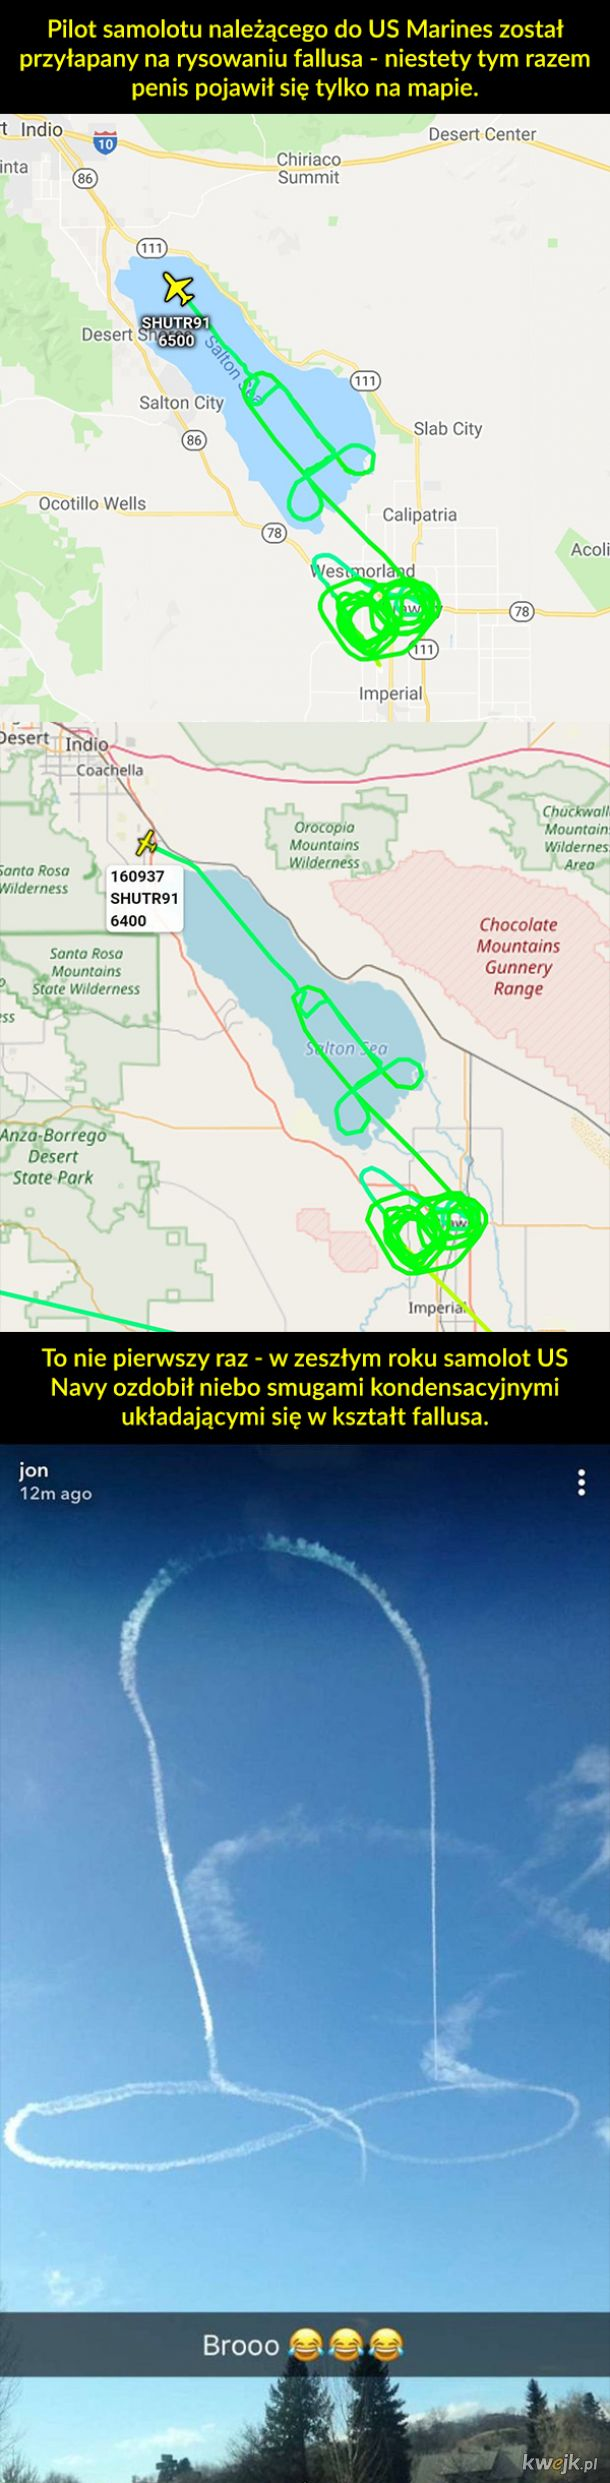 Zabawy amerykańskich pilotów